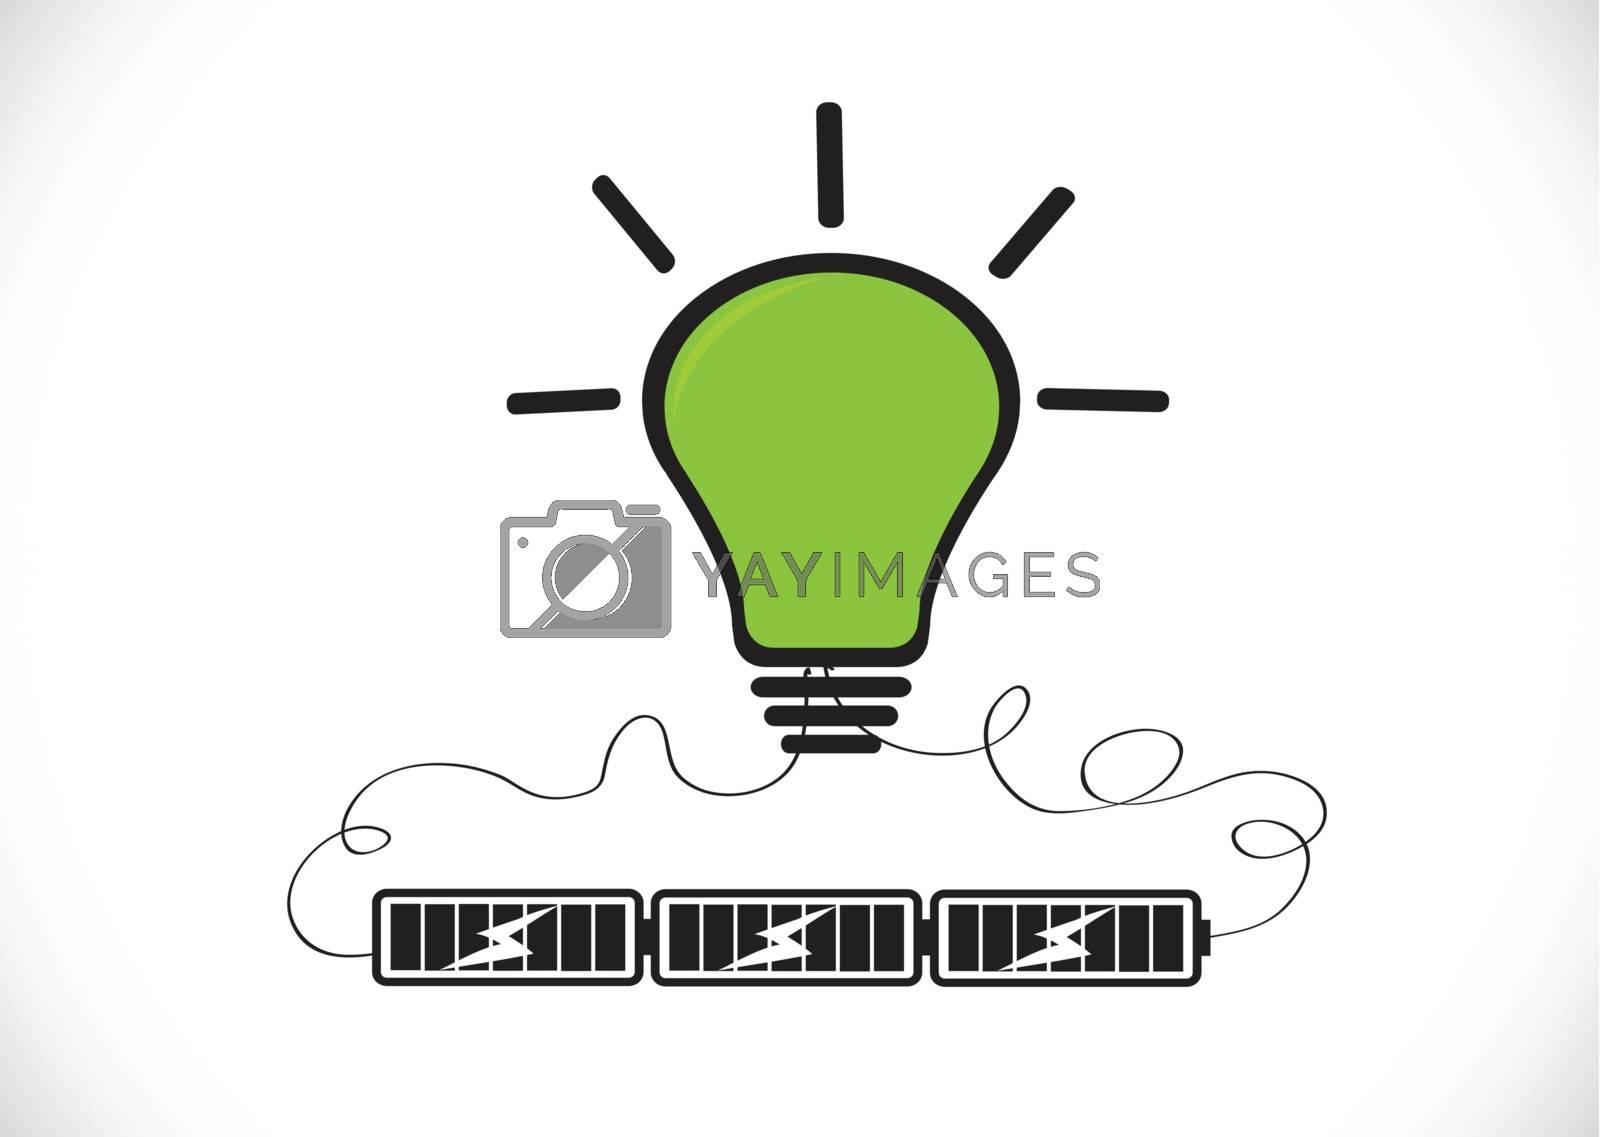 Light bulb Charging Battery Power Idea design by kiddaikiddee